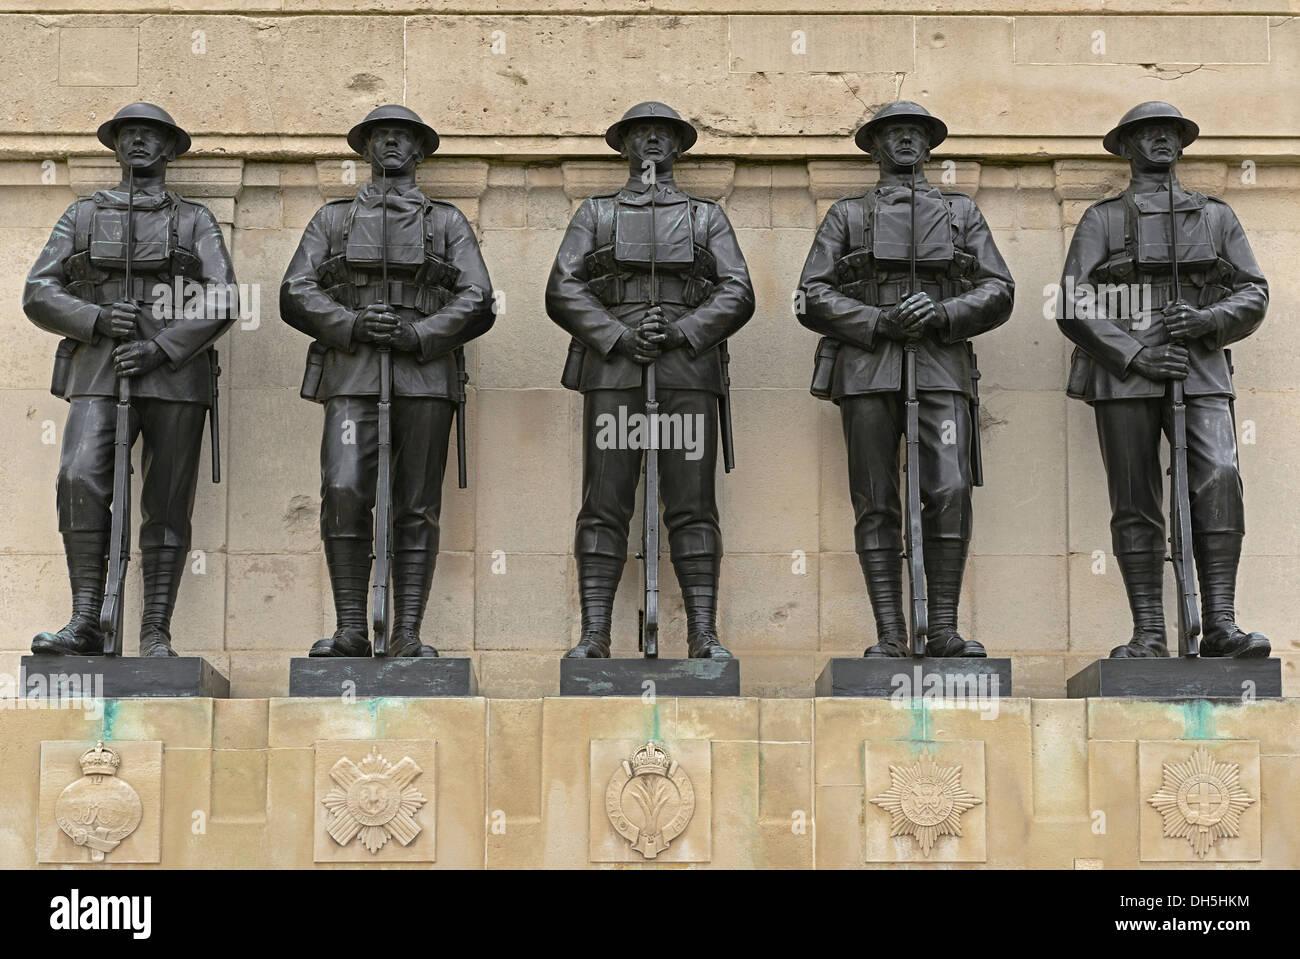 Los guardias Memorial, Desfile de guardias a caballo, Londres, Reino Unido. La Primera Guerra Mundial Monumento a los caídos de la División de guardias. Imagen De Stock